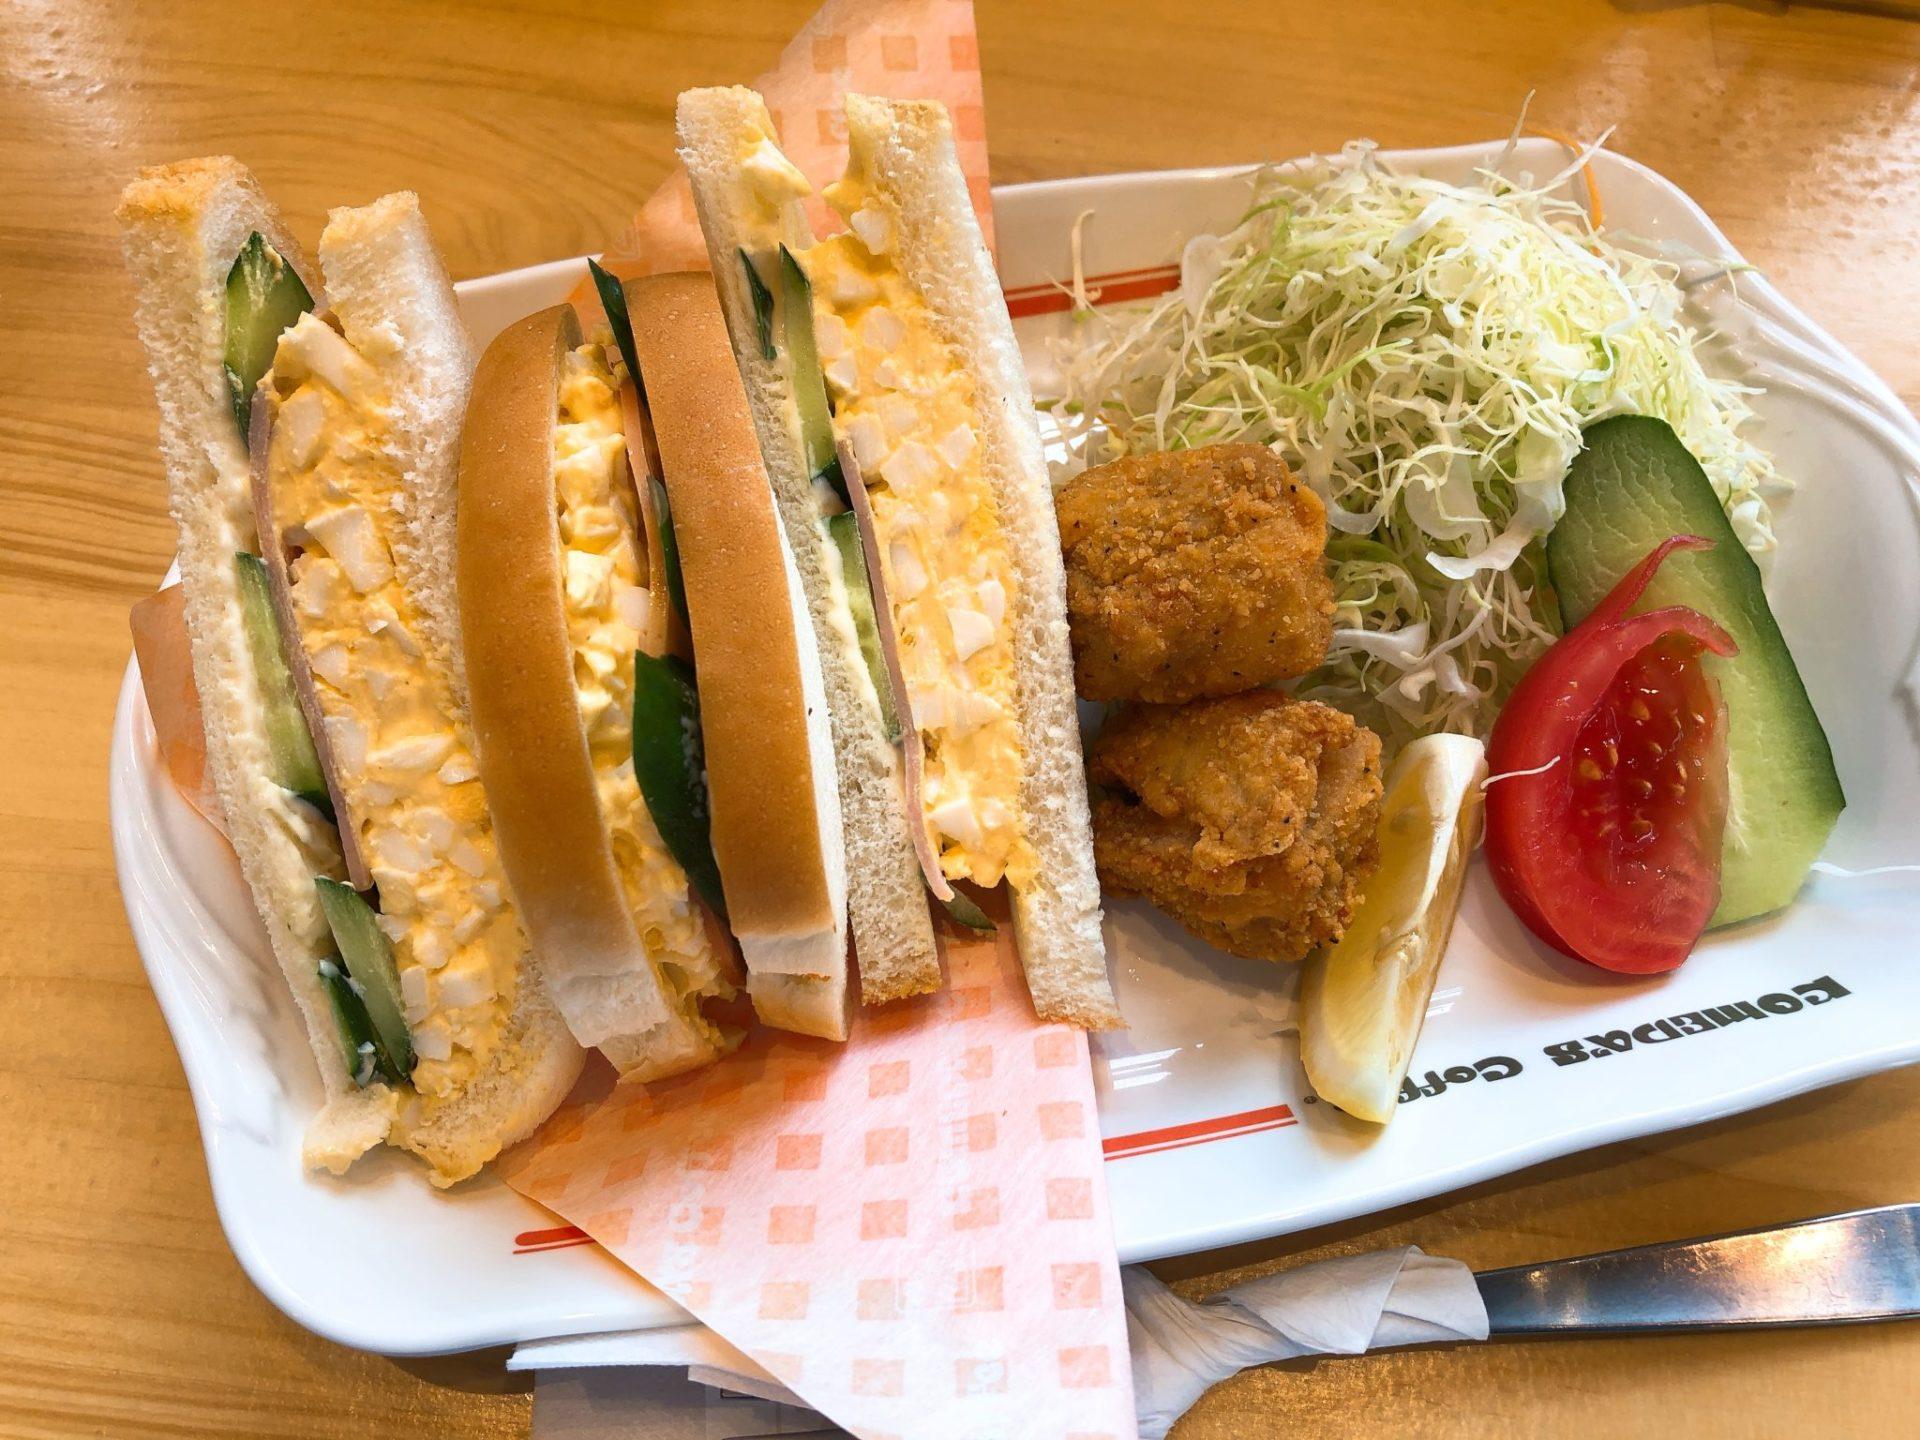 コメダ珈琲店 駒沢公園前店の昼コメプレート